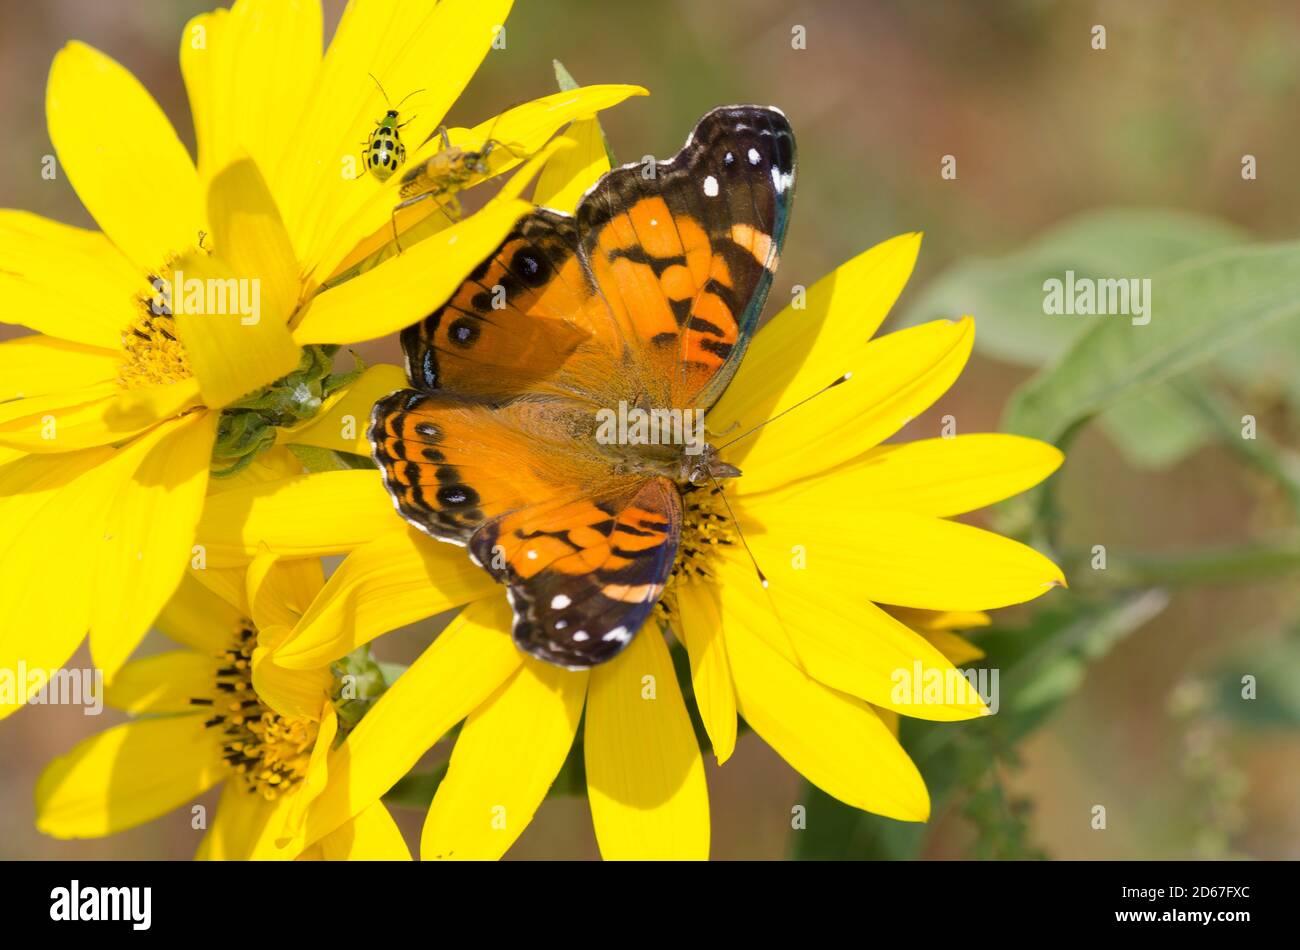 La señora americana, Vanessa virginiensis, nectaring de Maximilian, Girasol Helianthus maximiliani Foto de stock